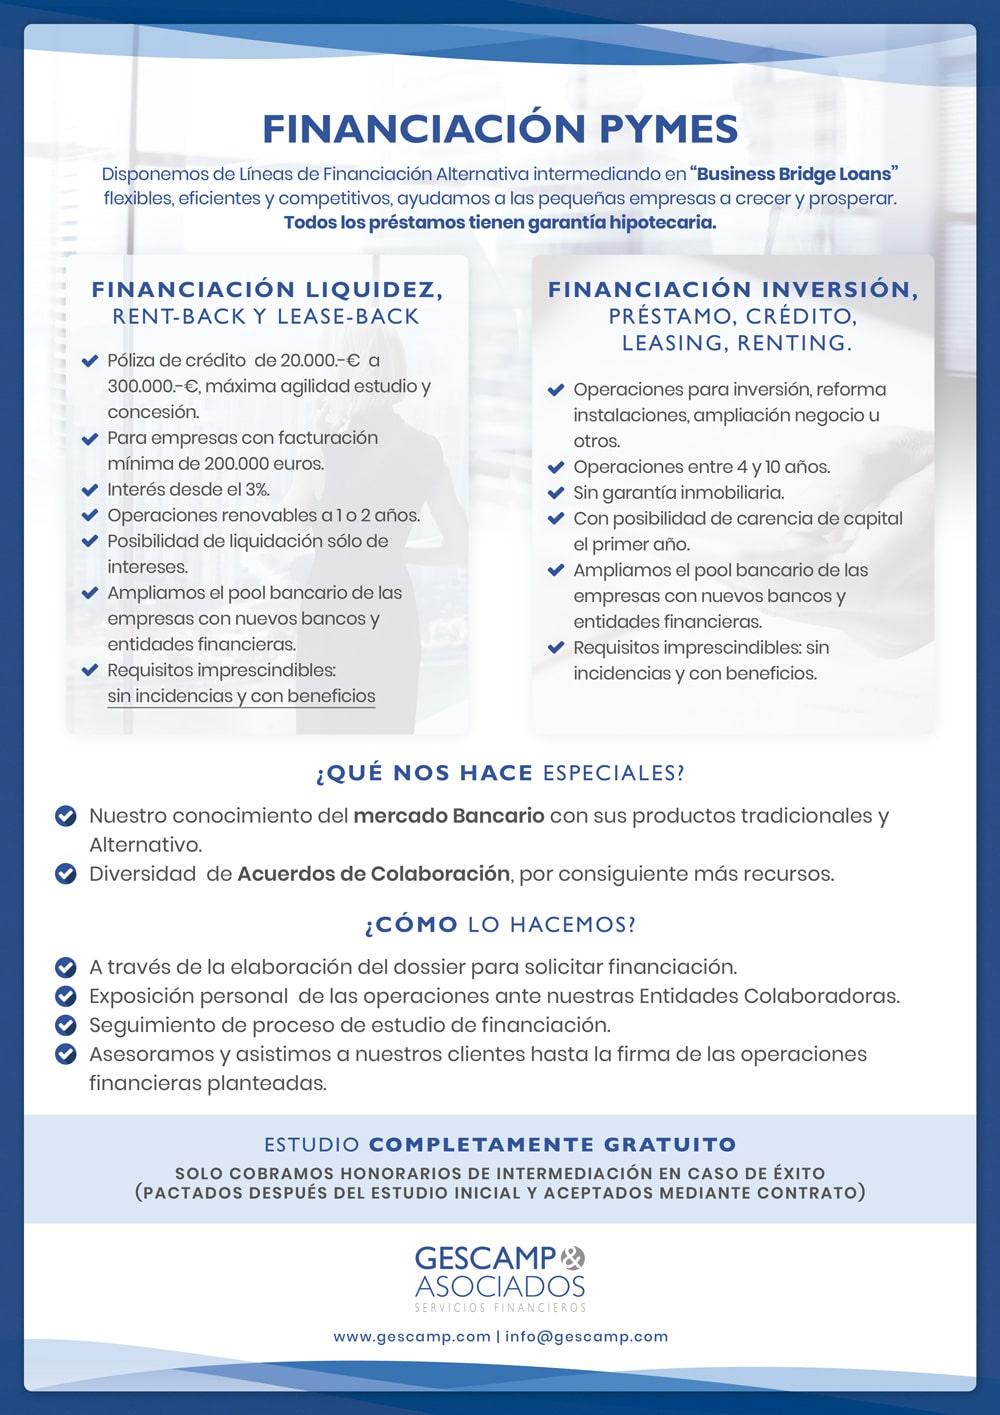 FINANCIACION PARA PYMES - GESCAMP ASOCIADOS